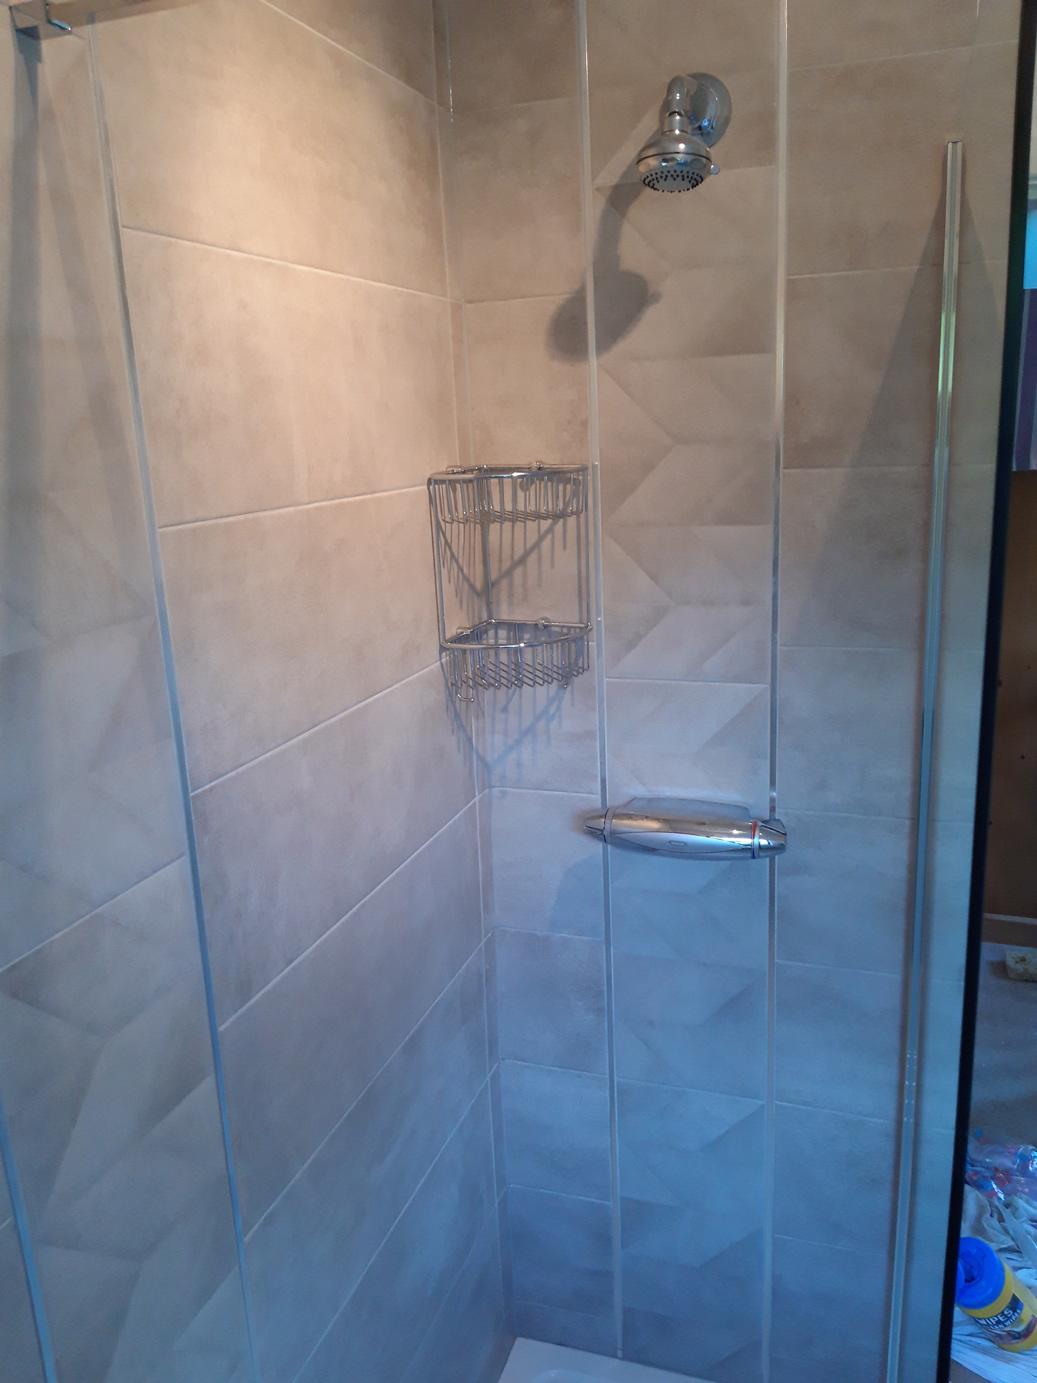 shower-room-shower-head-shower-tiles